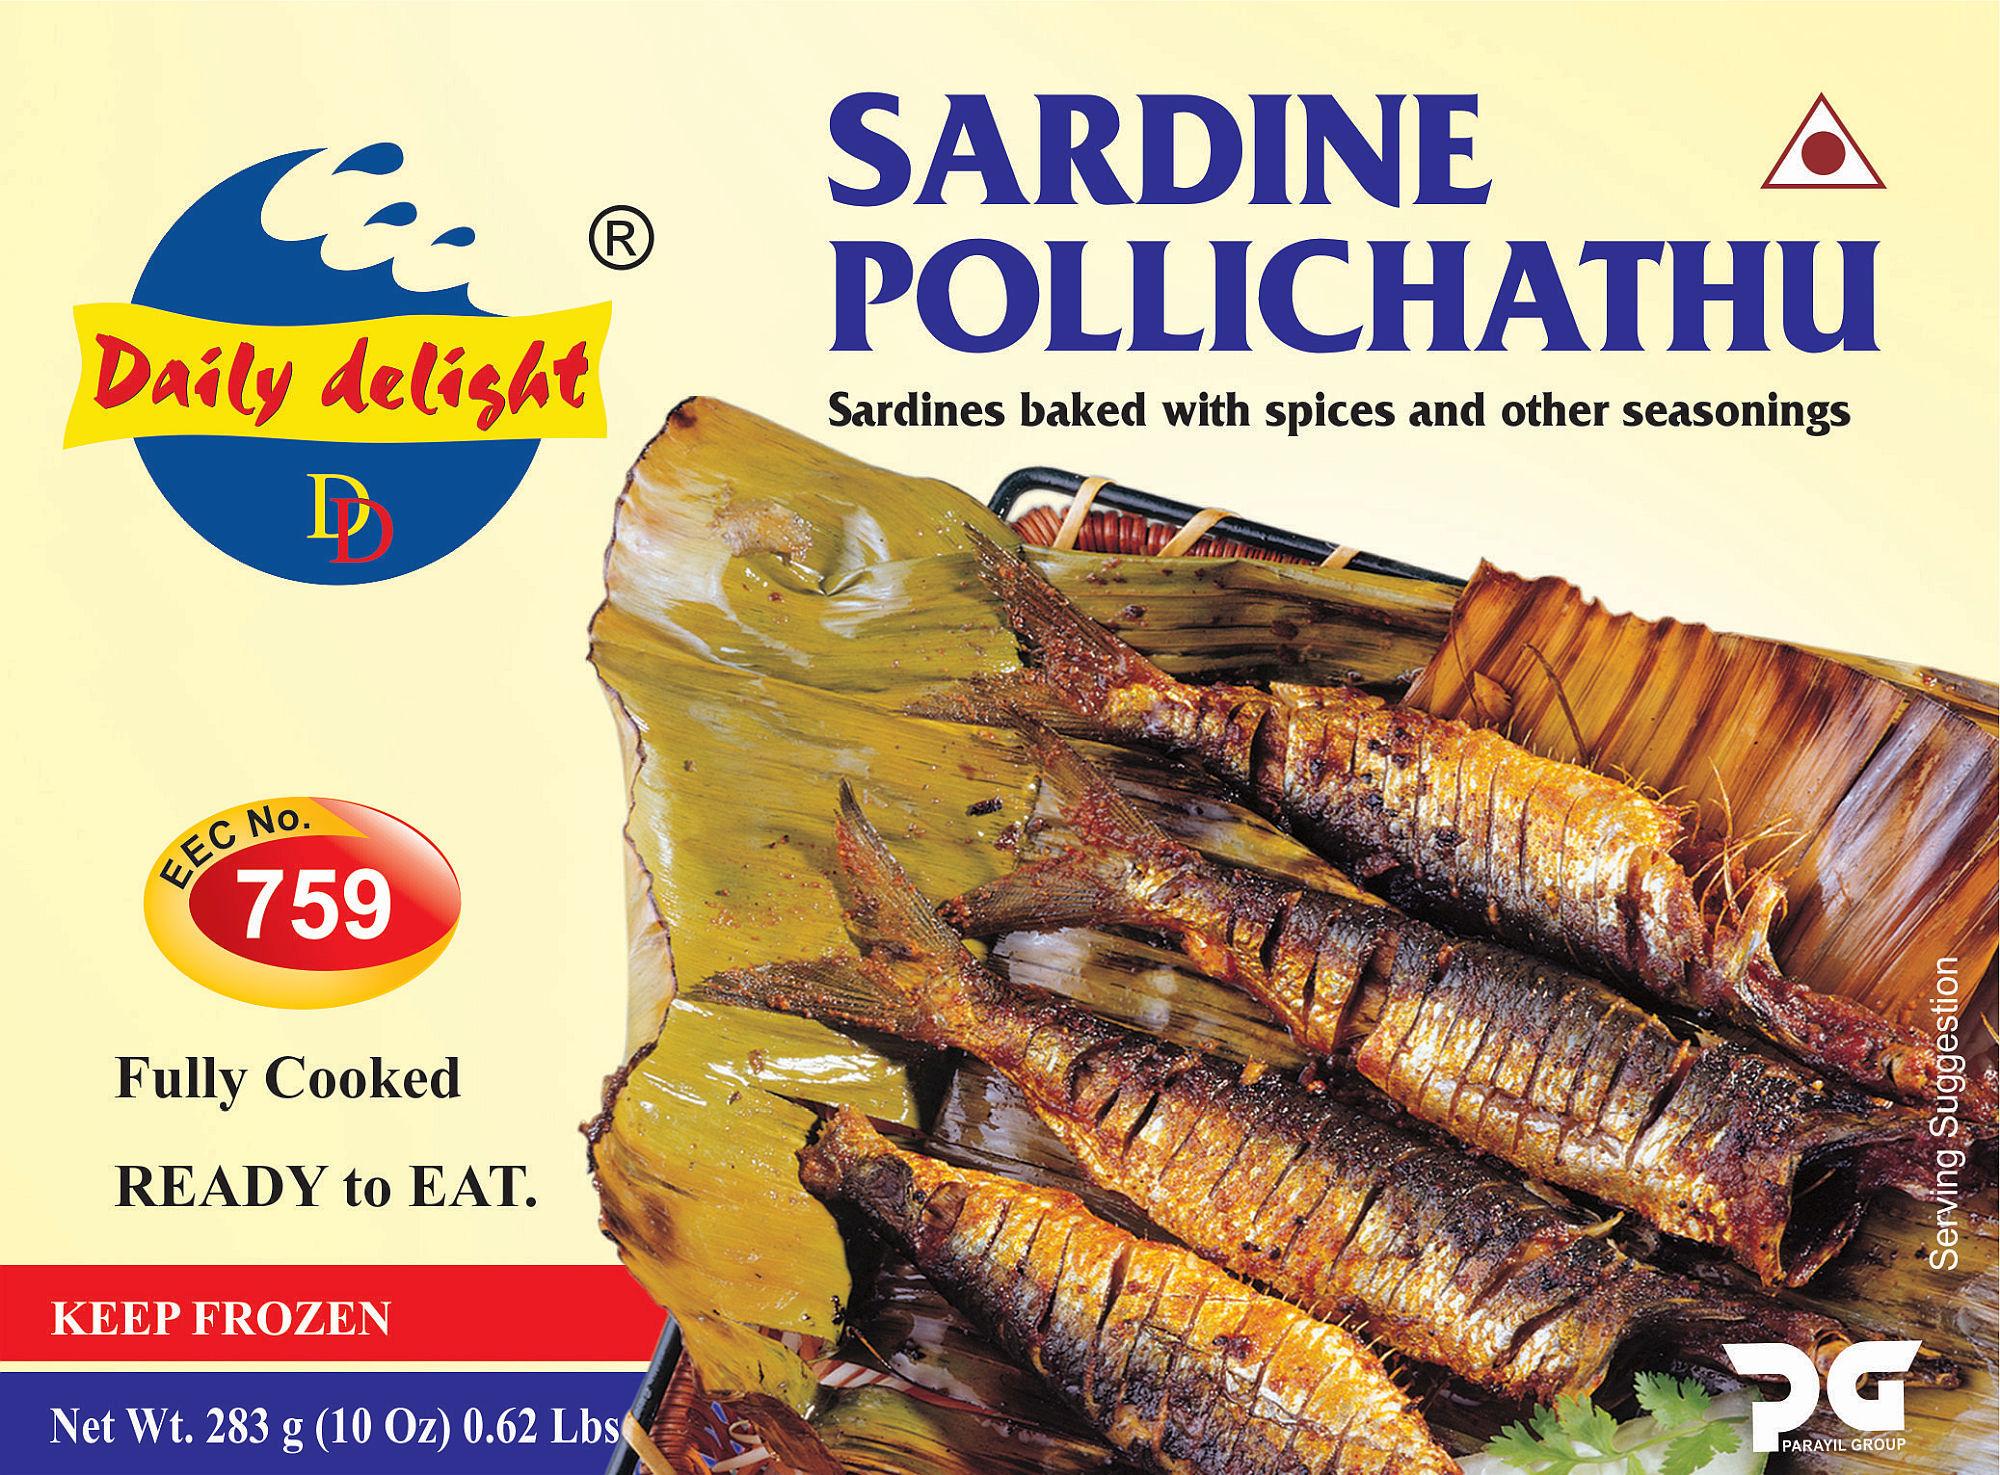 Daily Delight Sardine Pollichathu